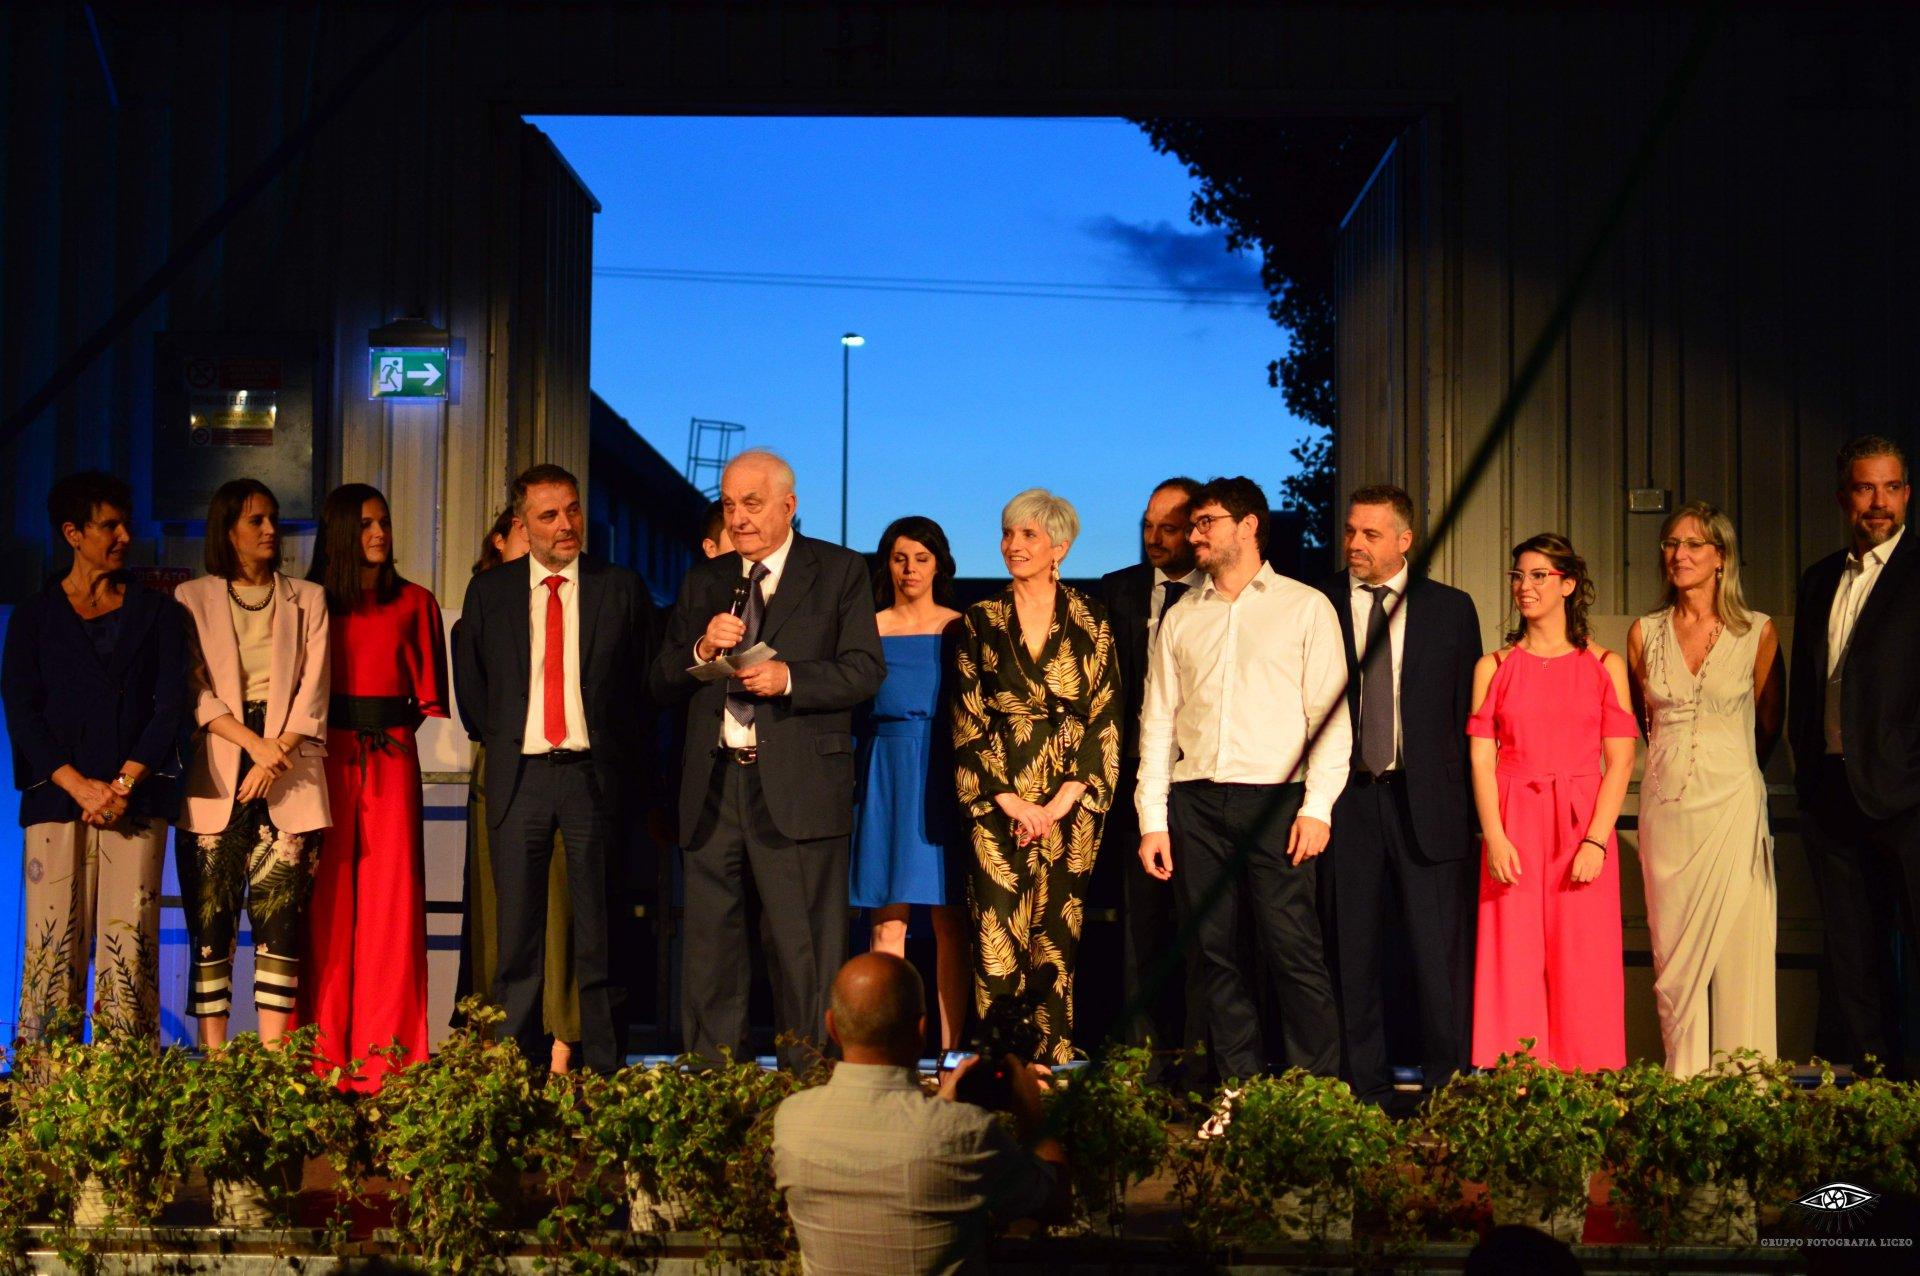 Faenza, il Gruppo Tampieri dona 150 mila euro per fronteggiare l'emergenza Covid-19